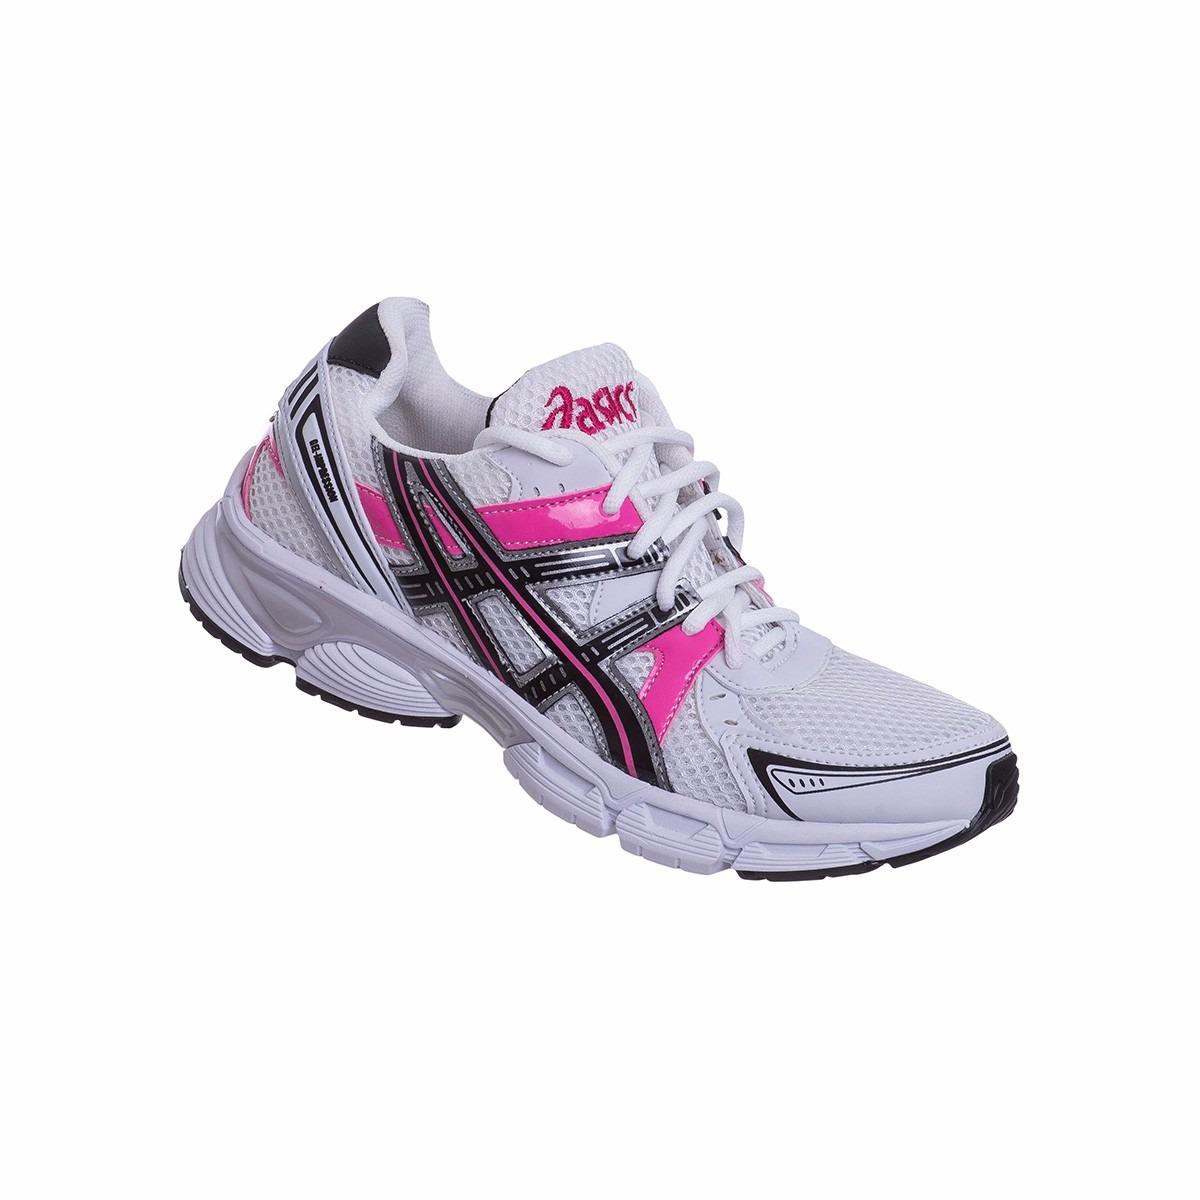 a992cbe653 tênis asics gel impression 2017 caminhada corrida acadêmia. Carregando zoom.